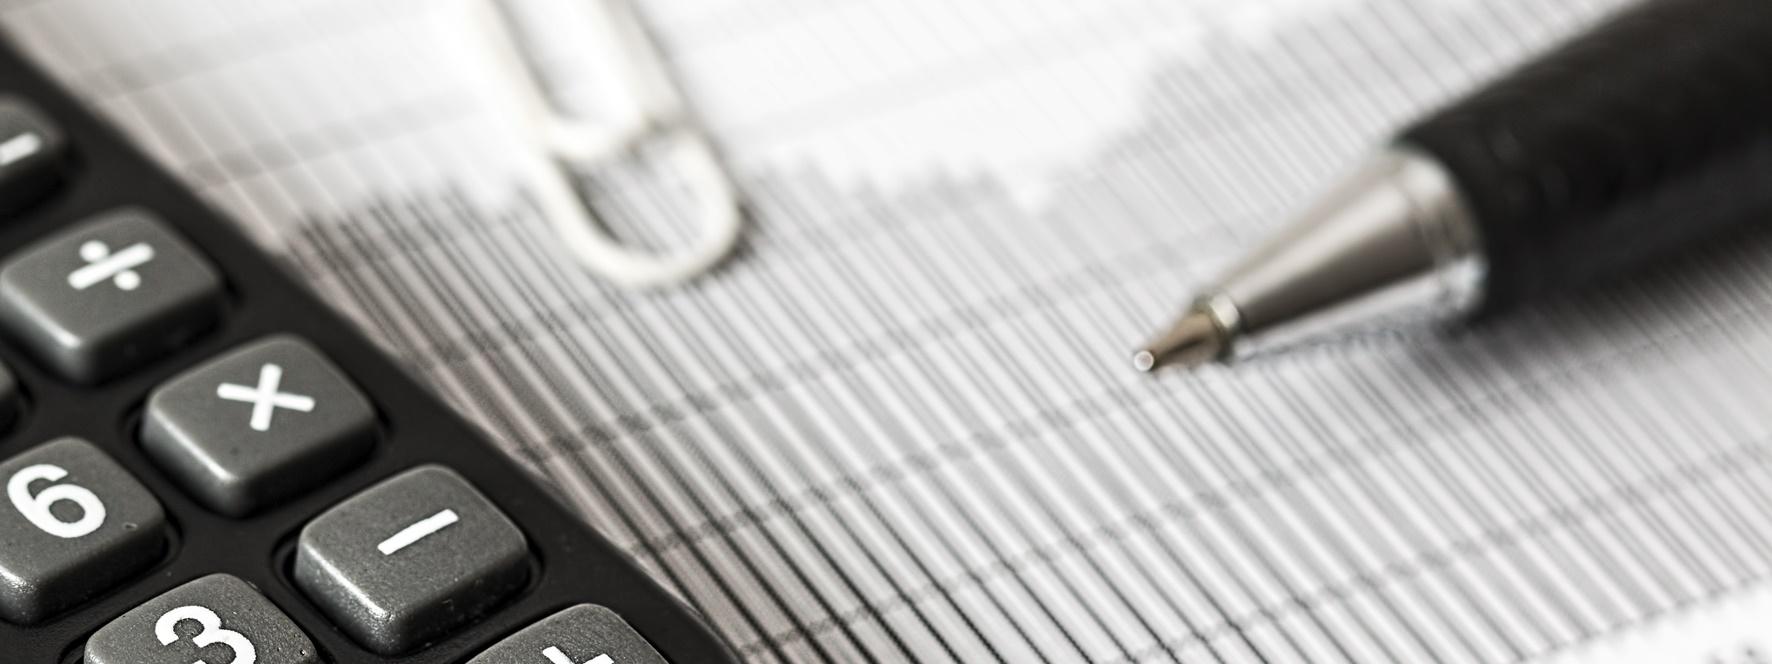 Taschenrechner Stift Tabelle